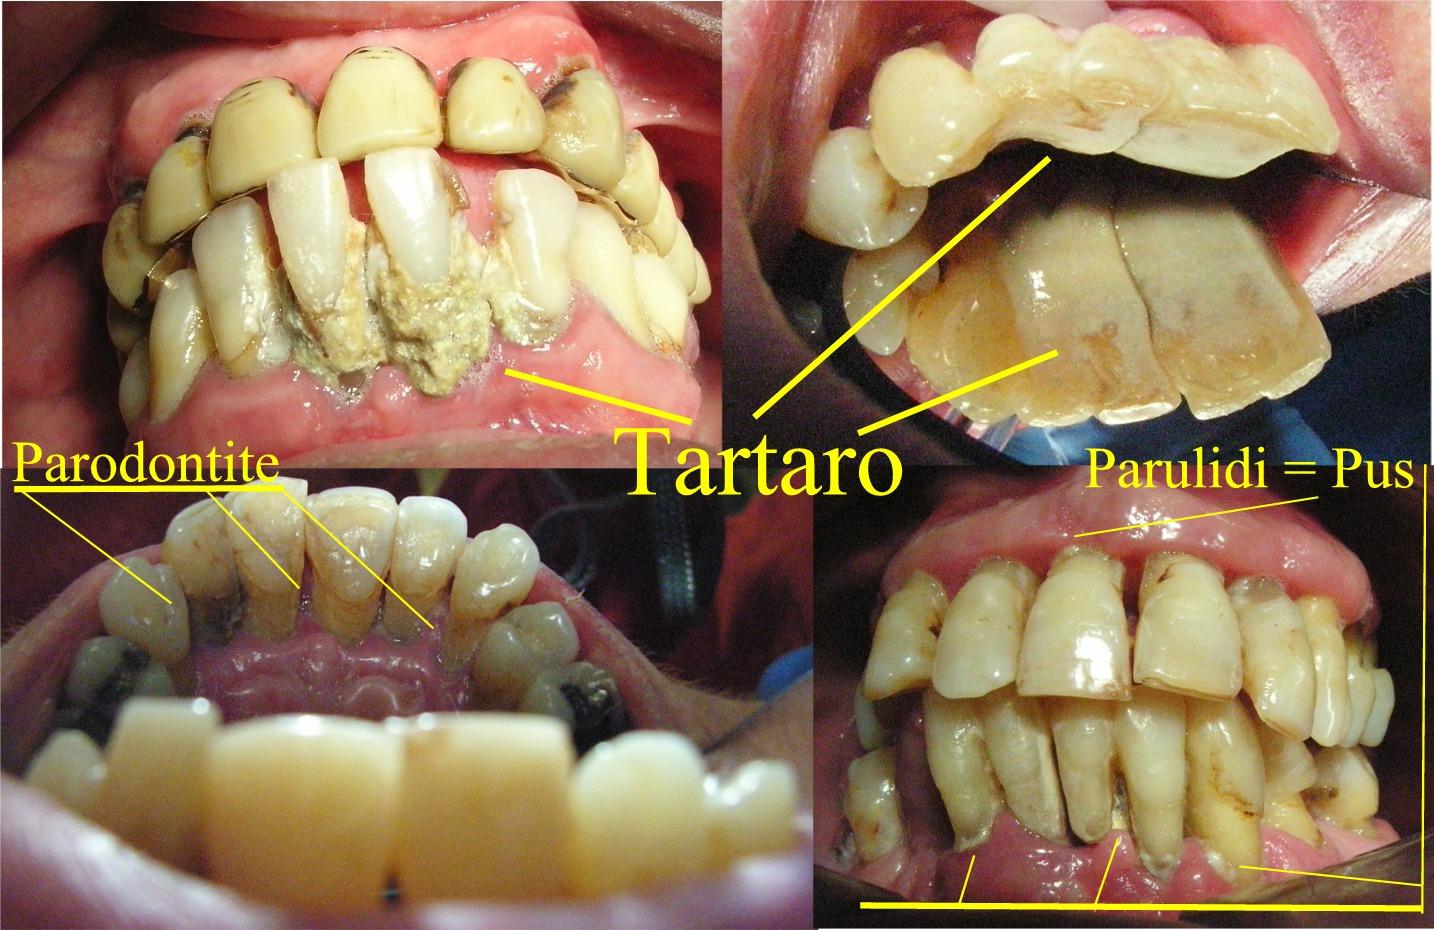 Tartaro e parodontite grave- Da casistica del Dr. Gustavo Petti di Cagliari